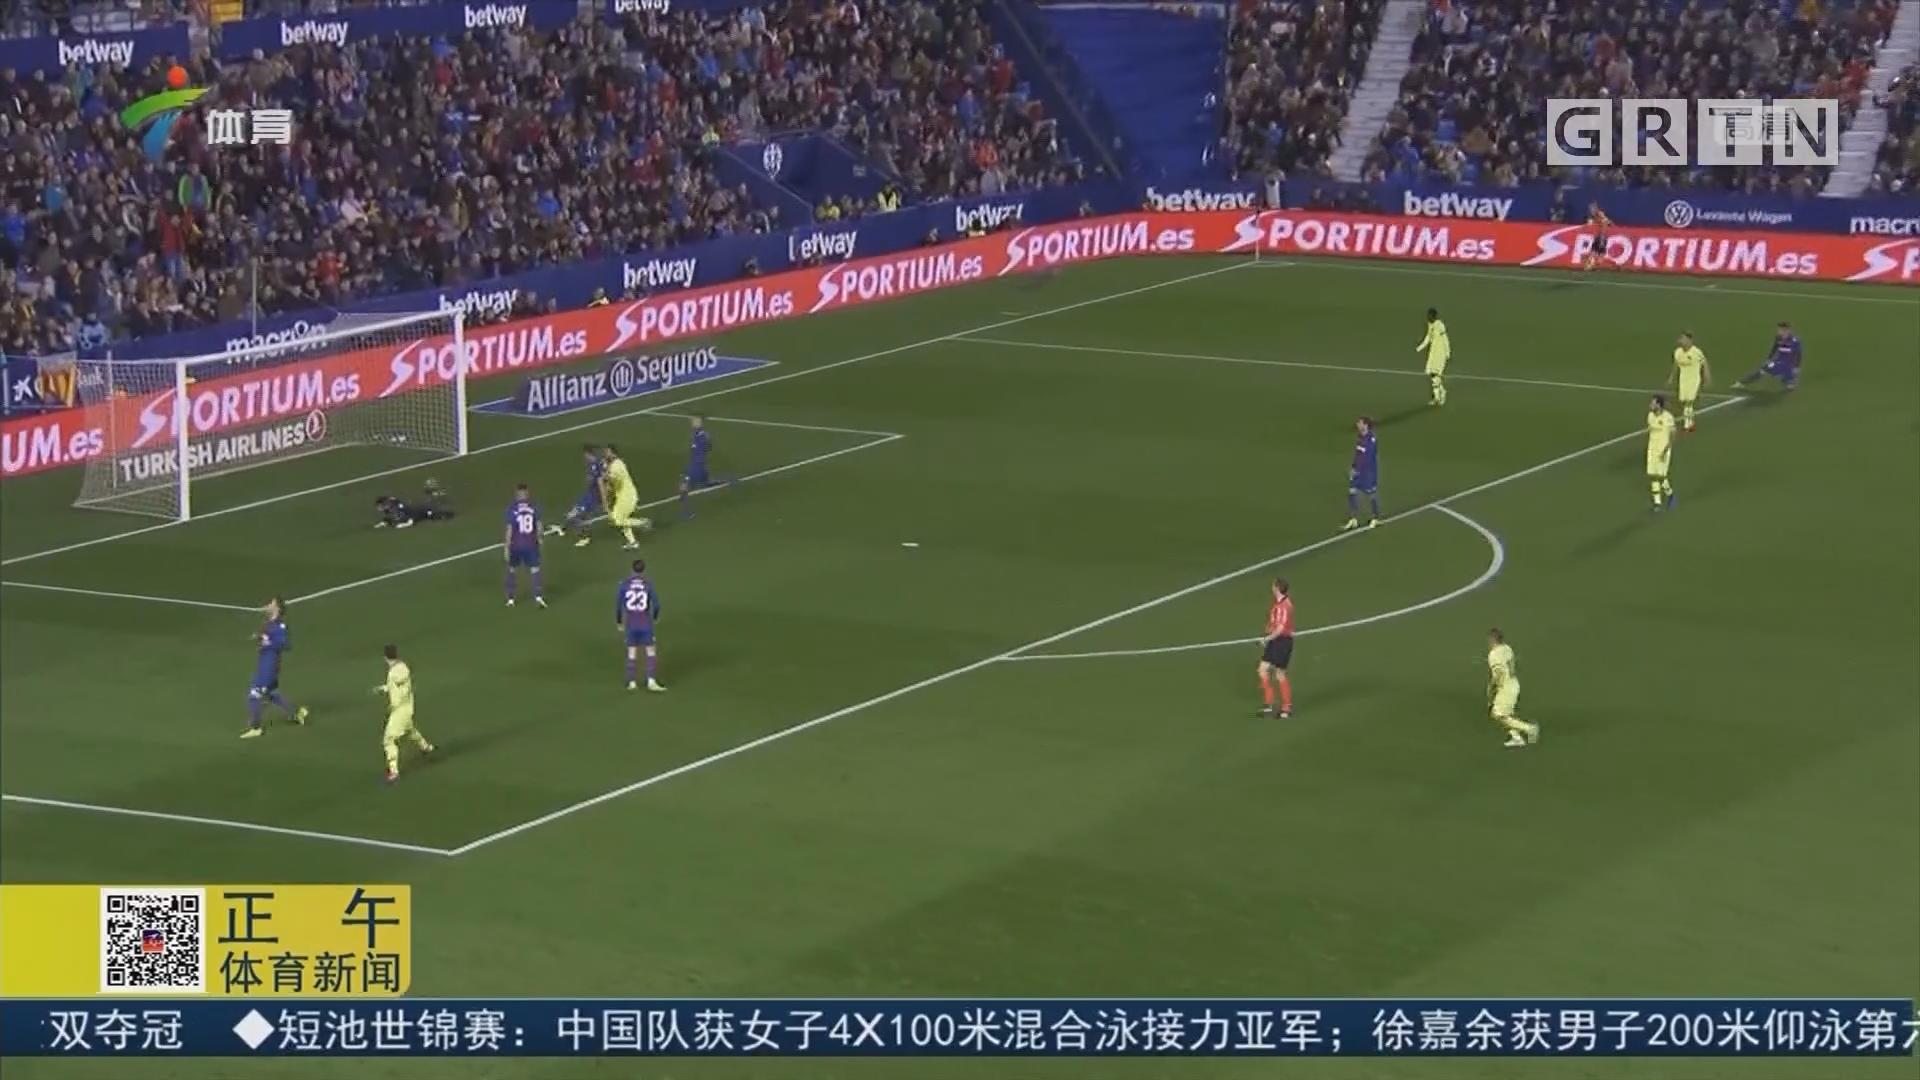 梅西帽子戏法 巴塞罗那5球大胜莱万特